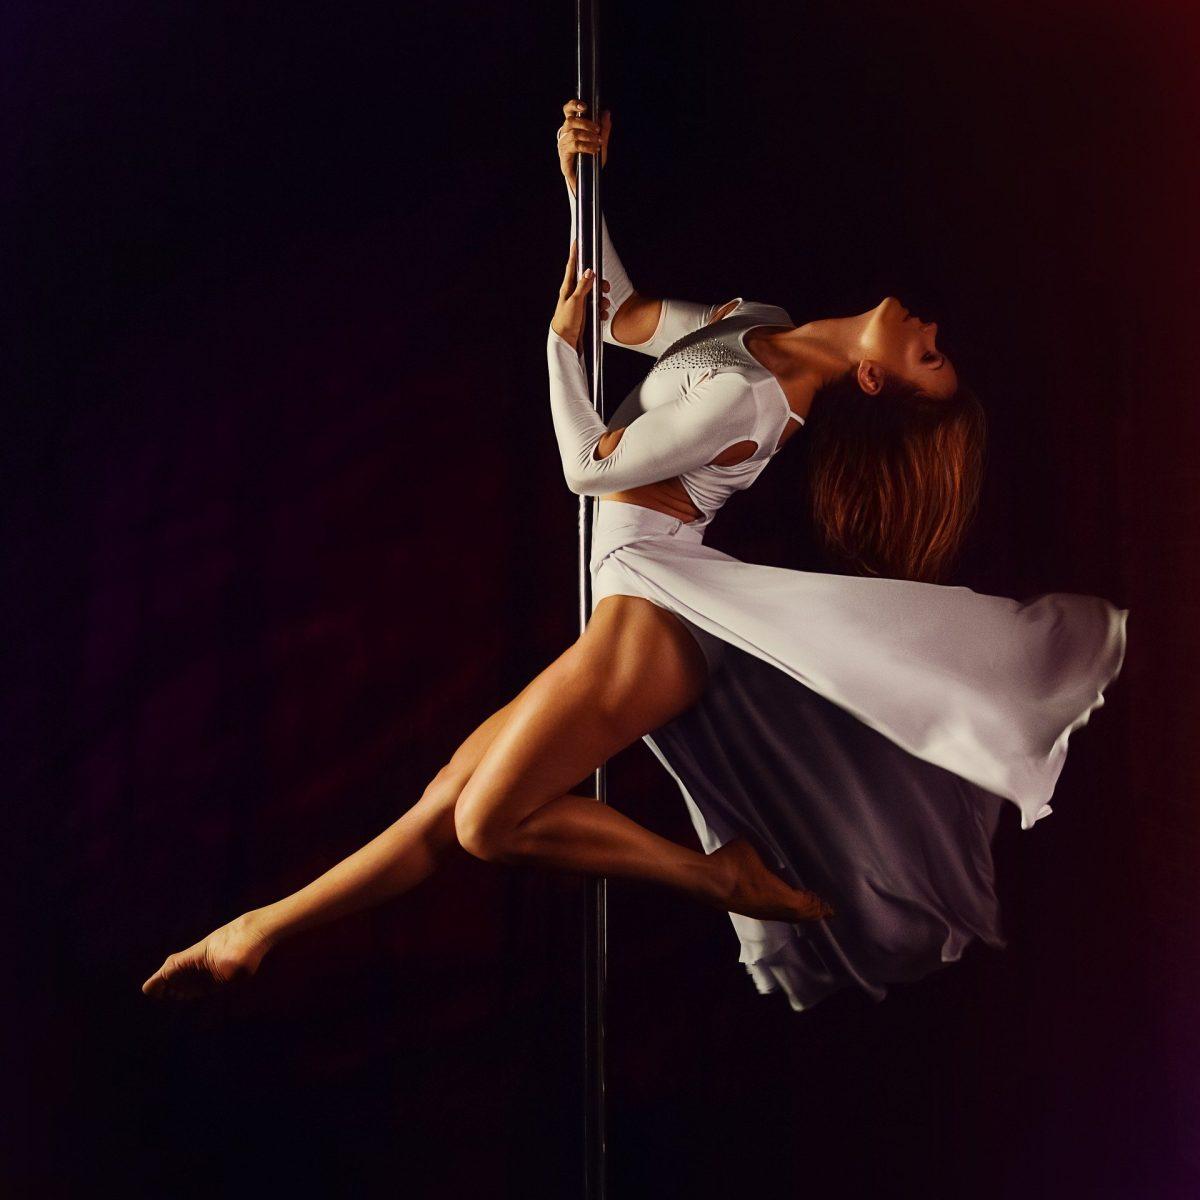 jacquette Pole dance et féminisme